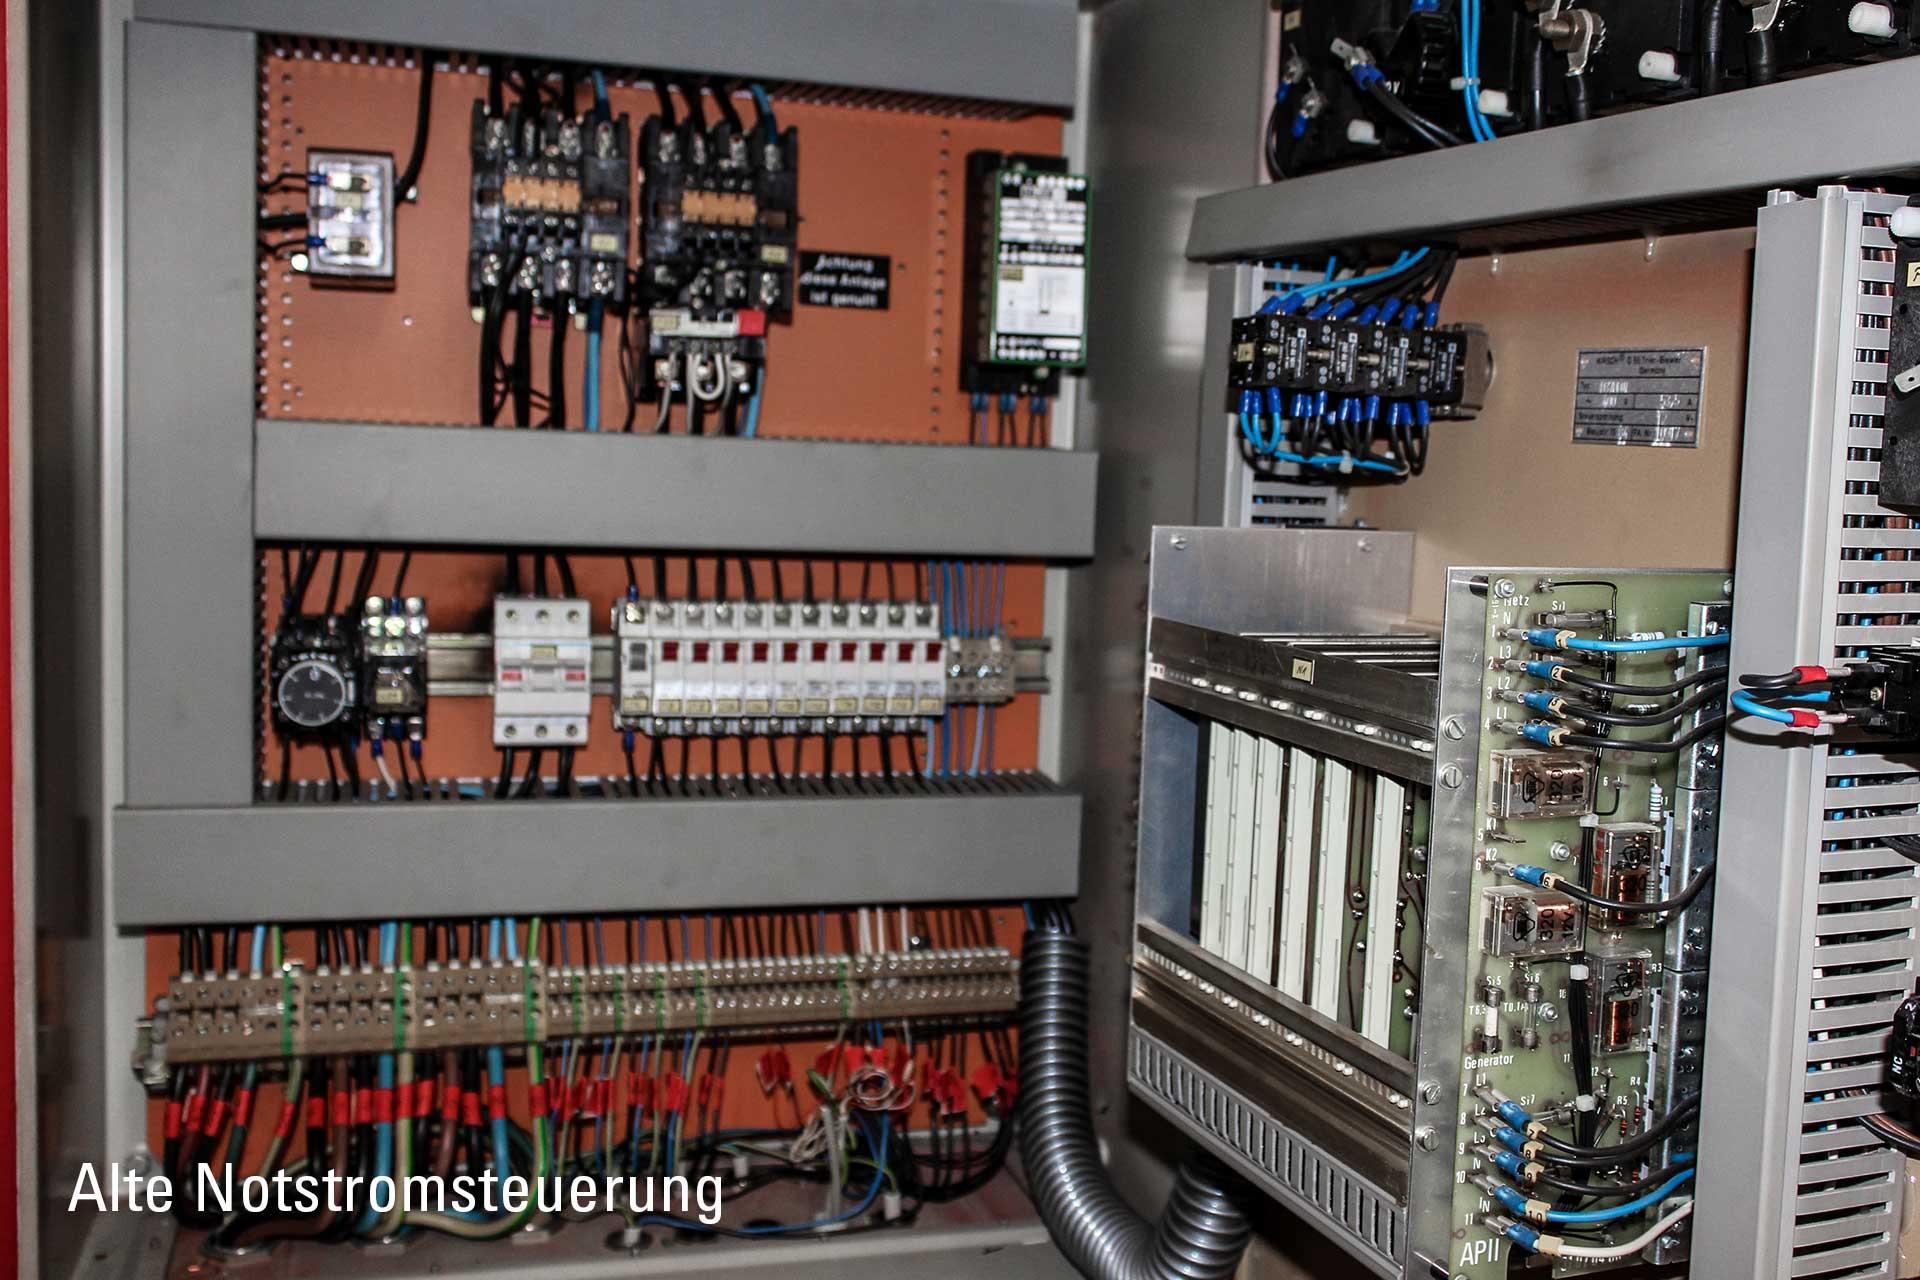 Blick in den Schaltschrank der alten und defekten Notstromsteuerung